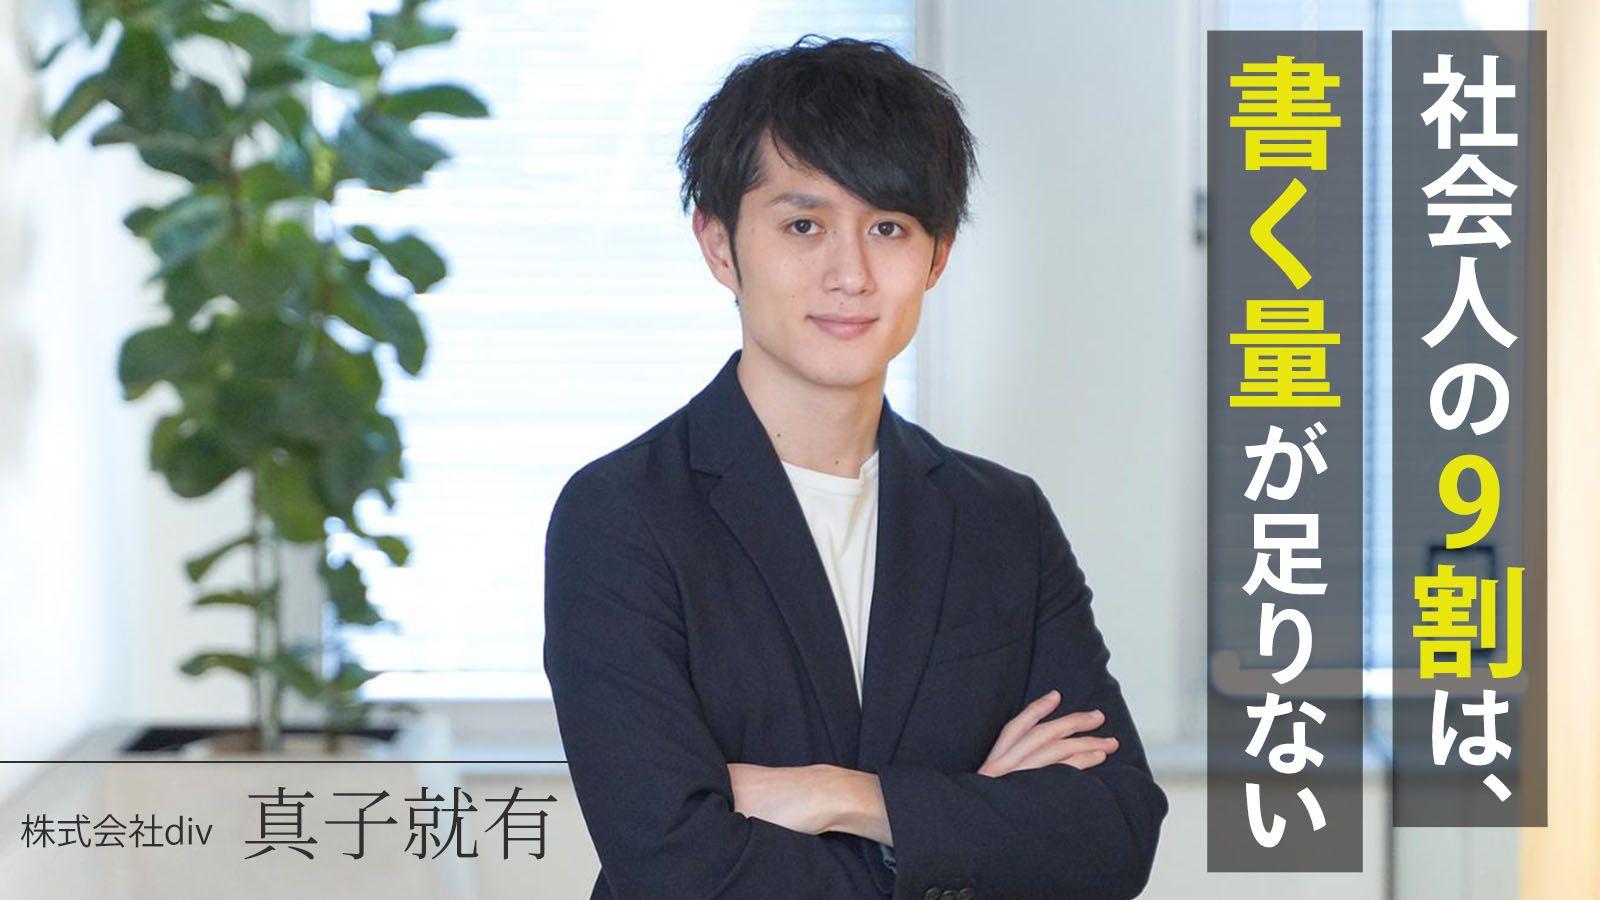 マコなり社長に聞く、リモート時代に「生き残る人」のビジネススキル|前編